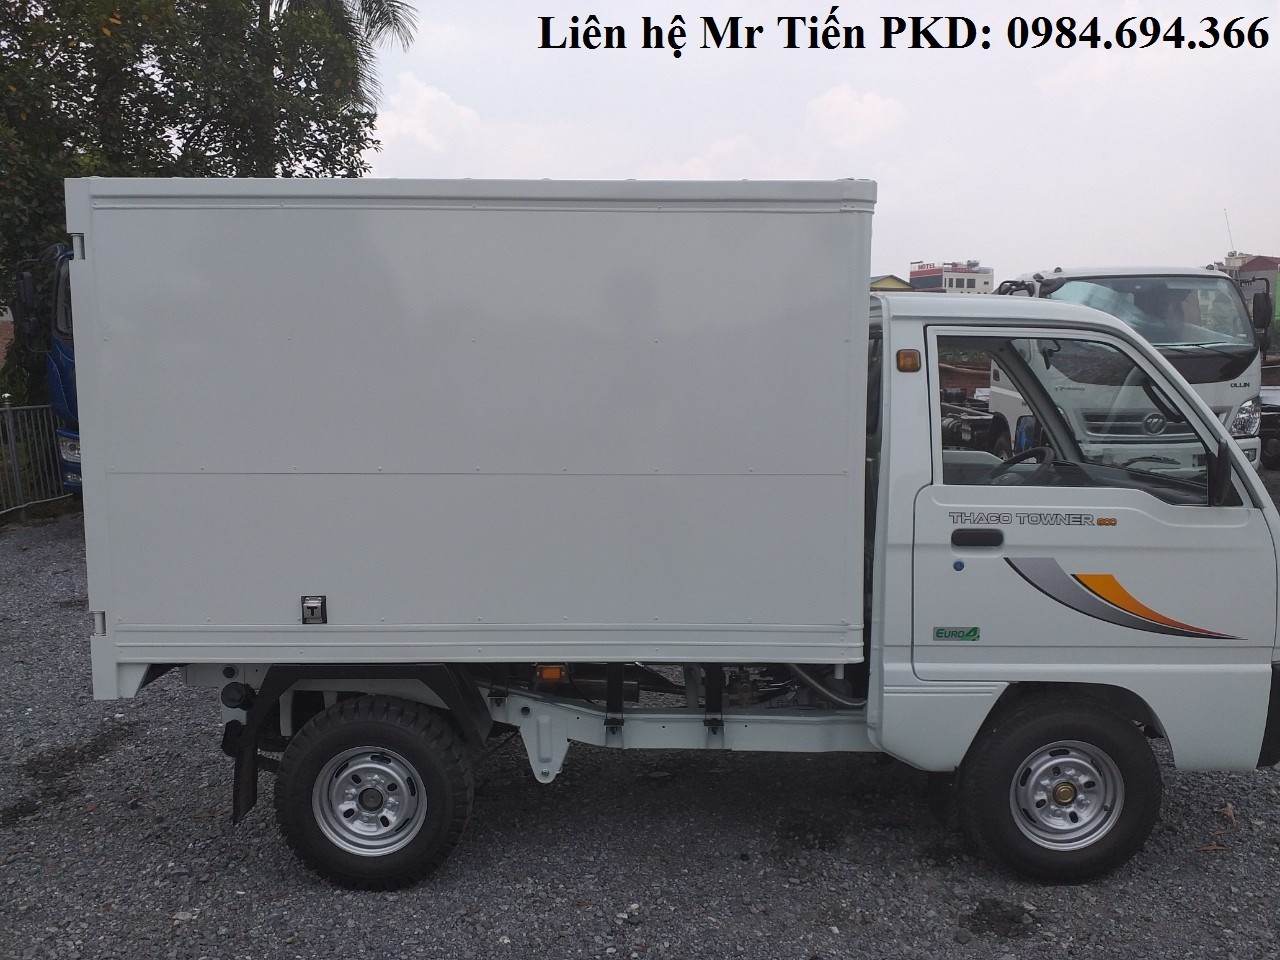 Xe tải nhẹ 5 tạ Thaco các loại thùng, chạy phố, giá từ 60tr trả trước, hỗ trợ trả góp lãi suất thấp